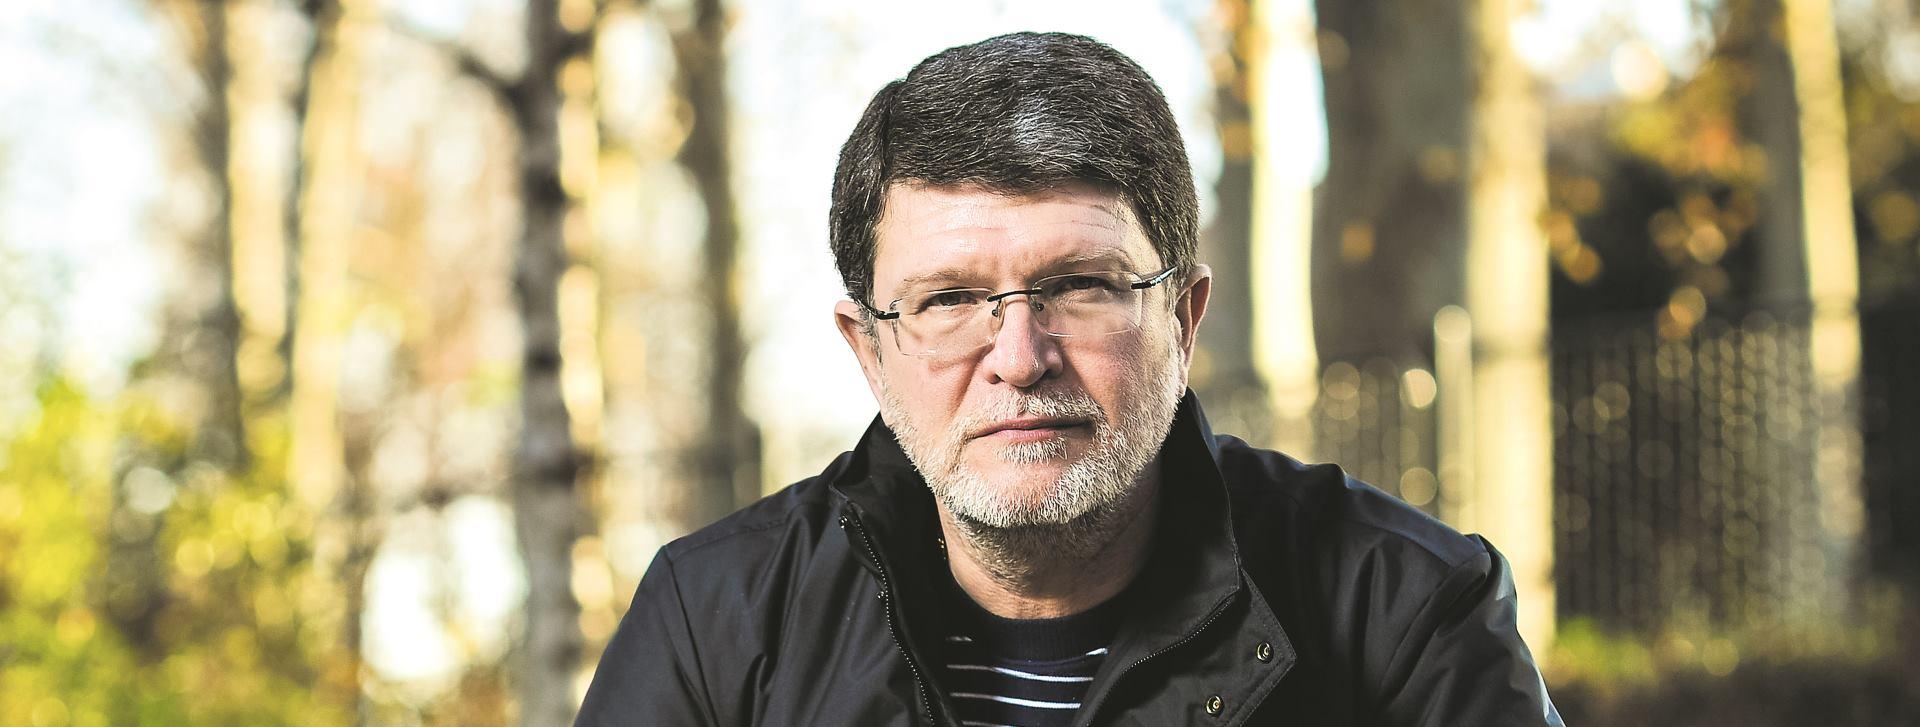 INTERVJU: TONINO PICULA 'Milanović ne može dobiti izbore samo sa spinovima'